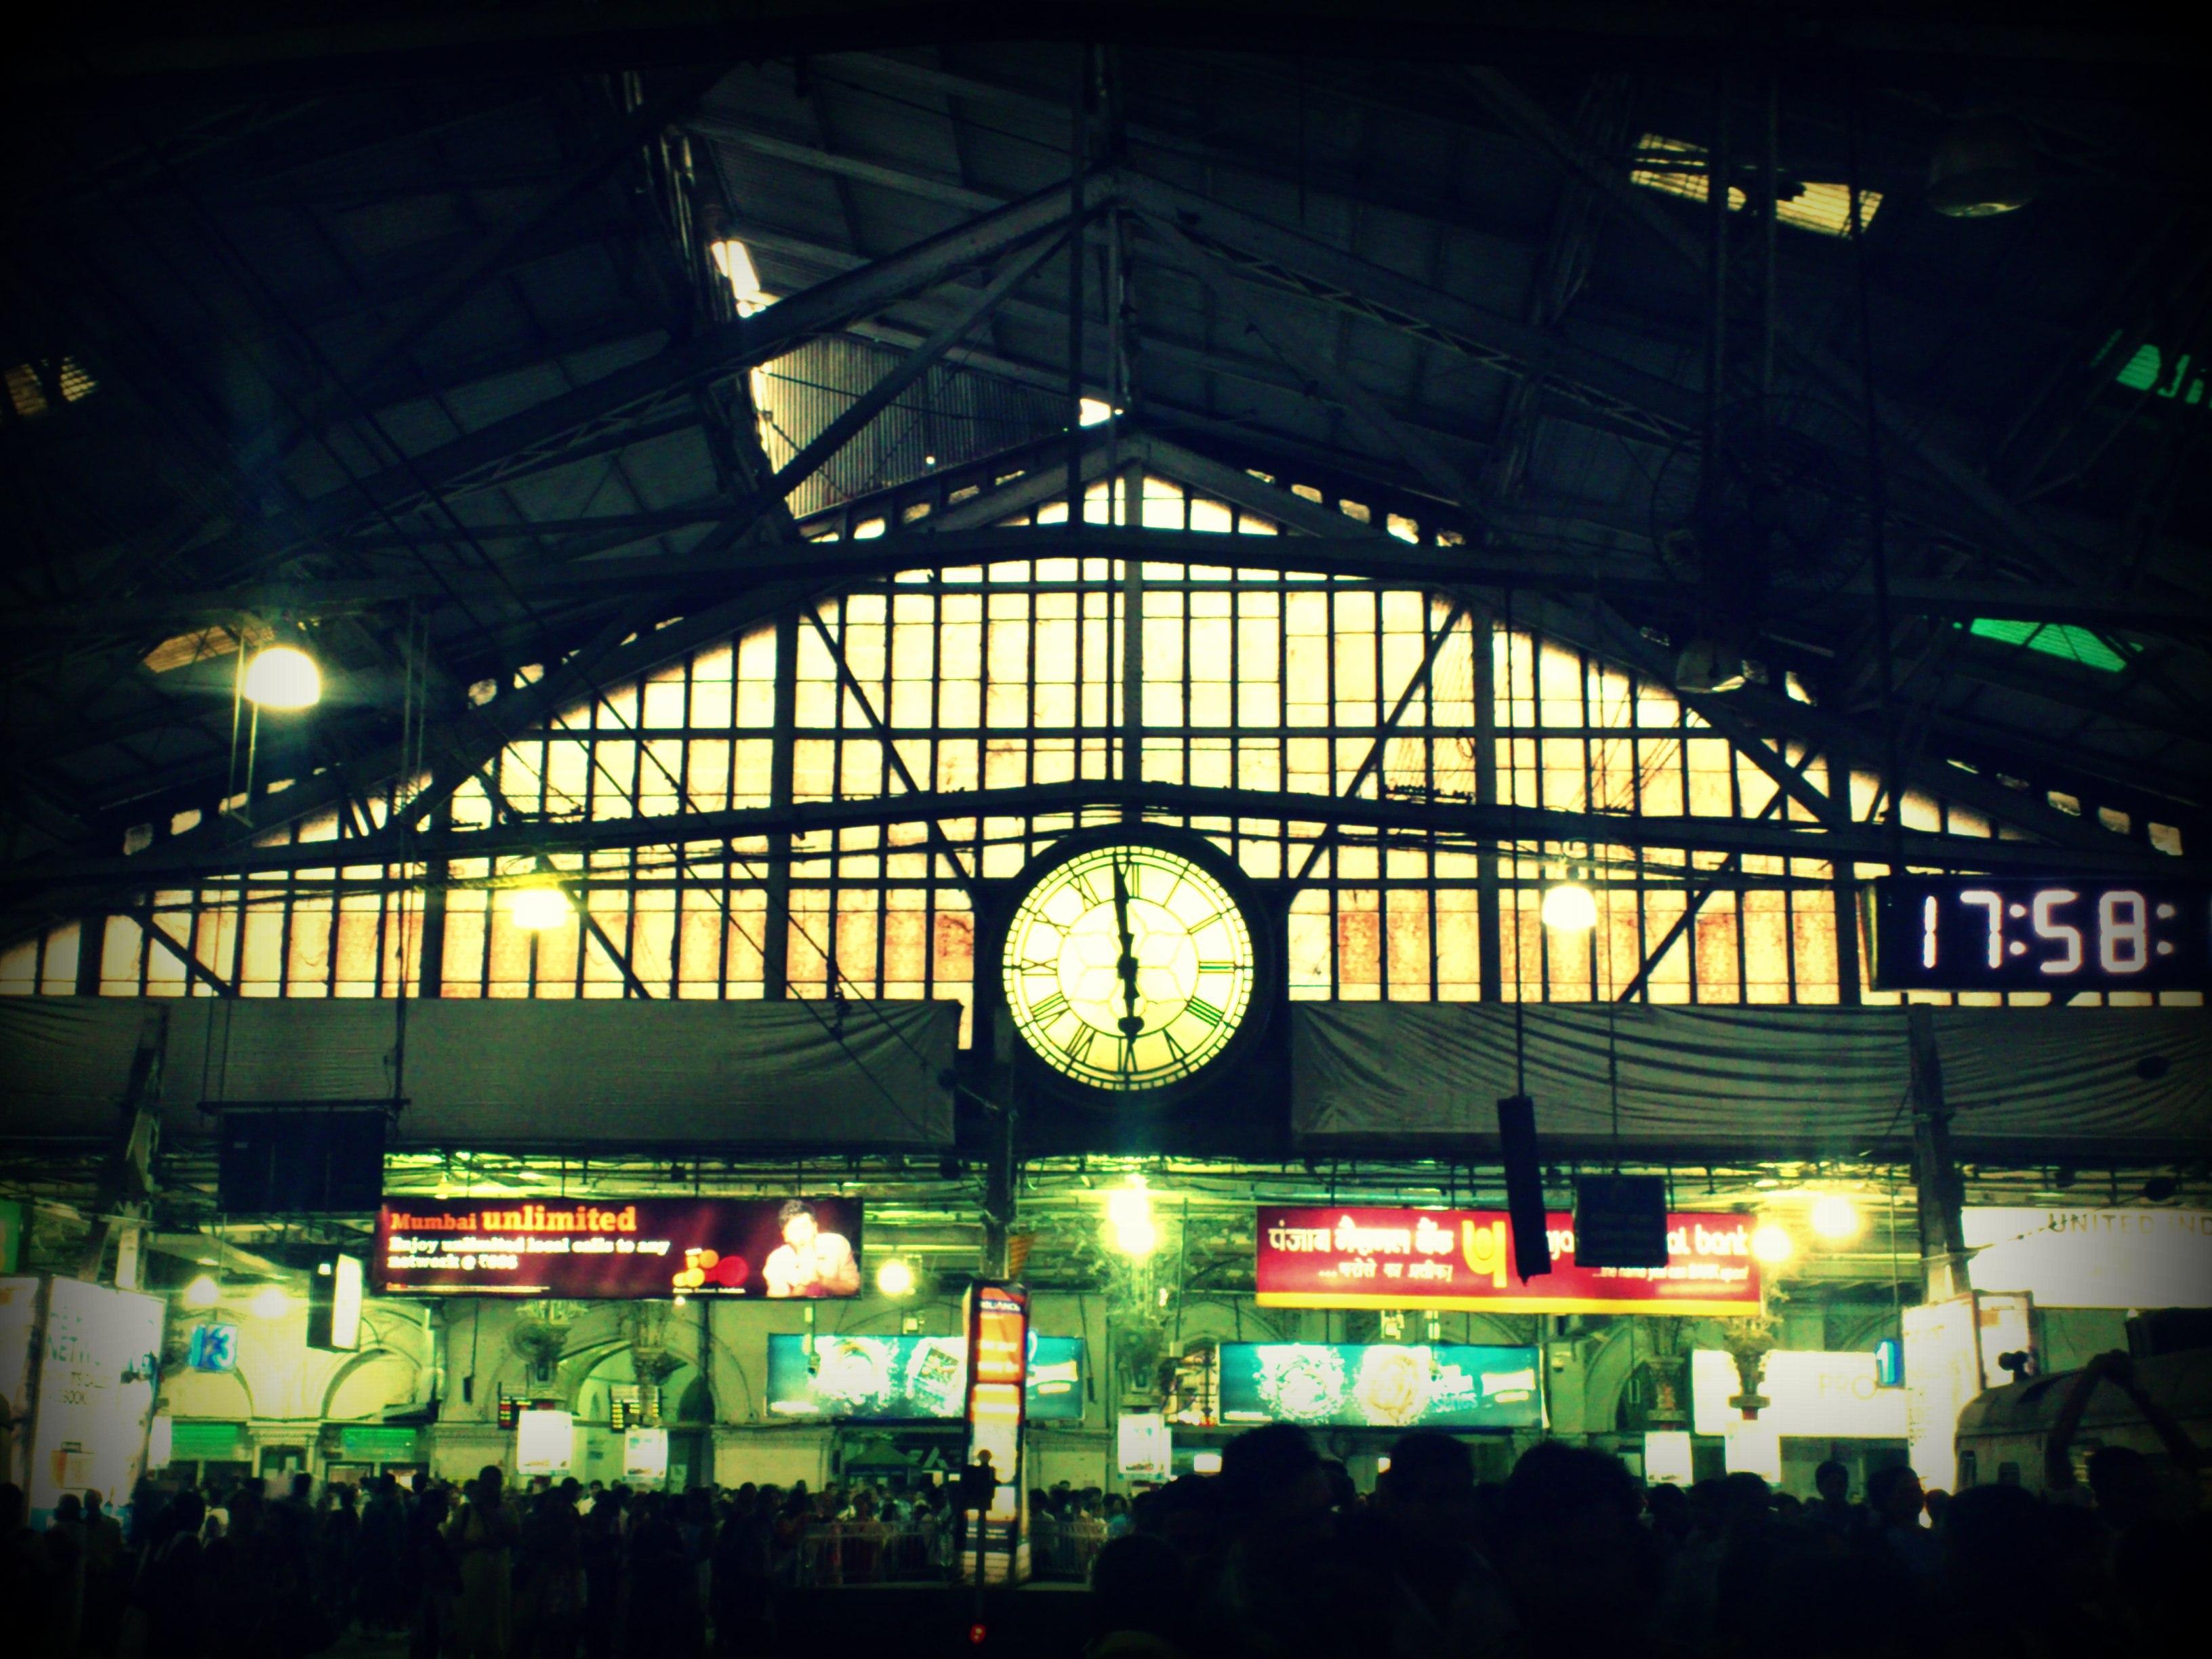 Legendary-Clock-at-VT-station